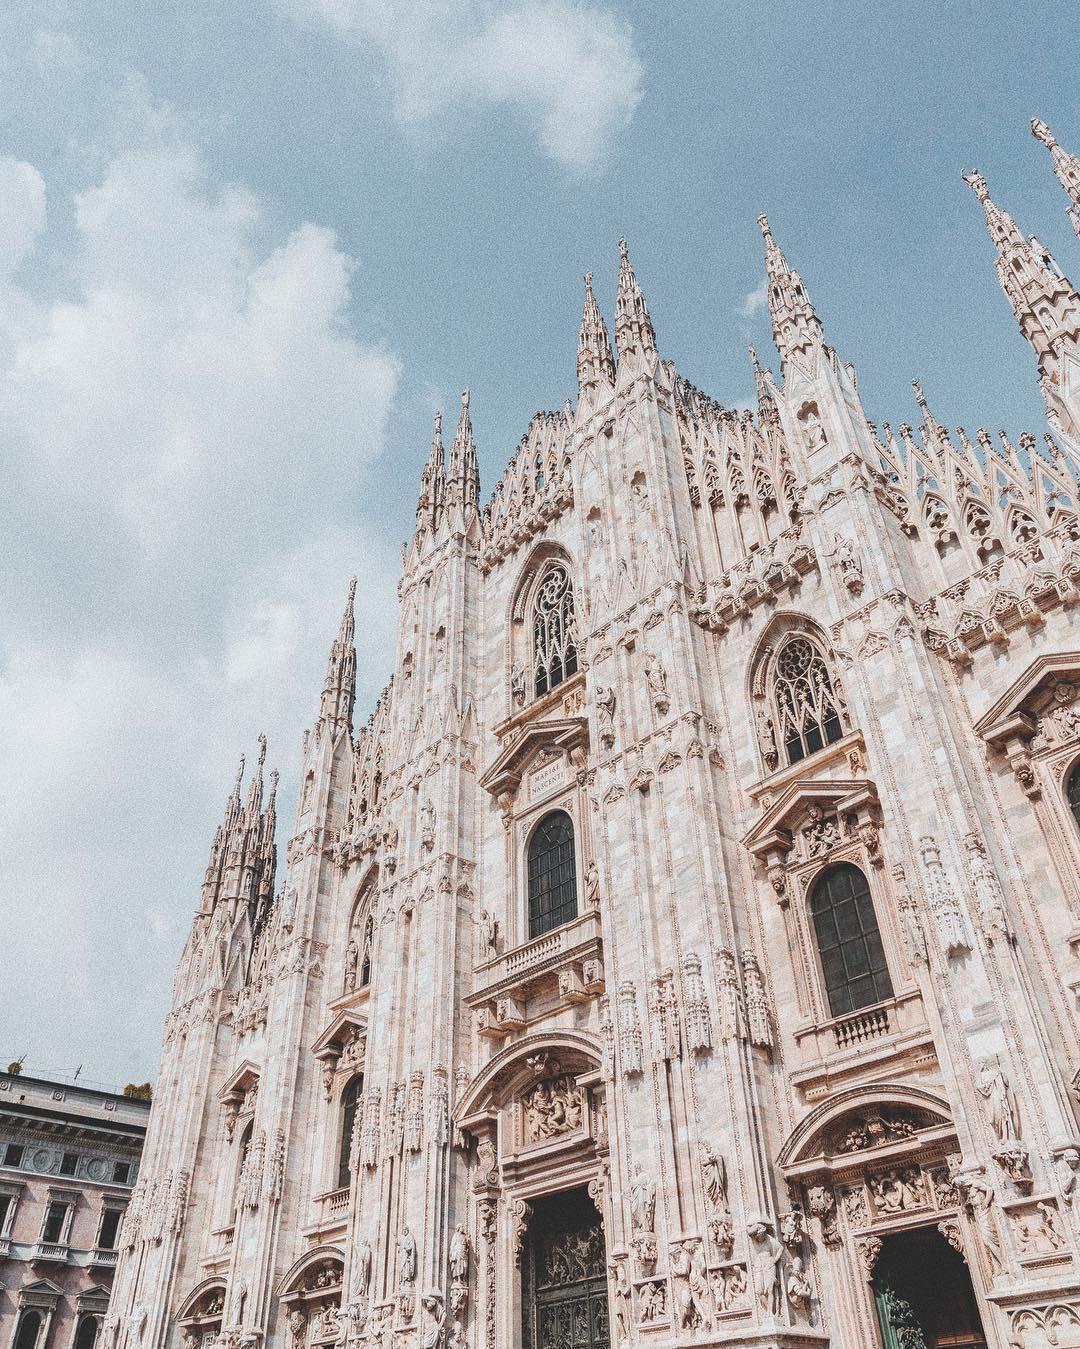 Fondos de Milán